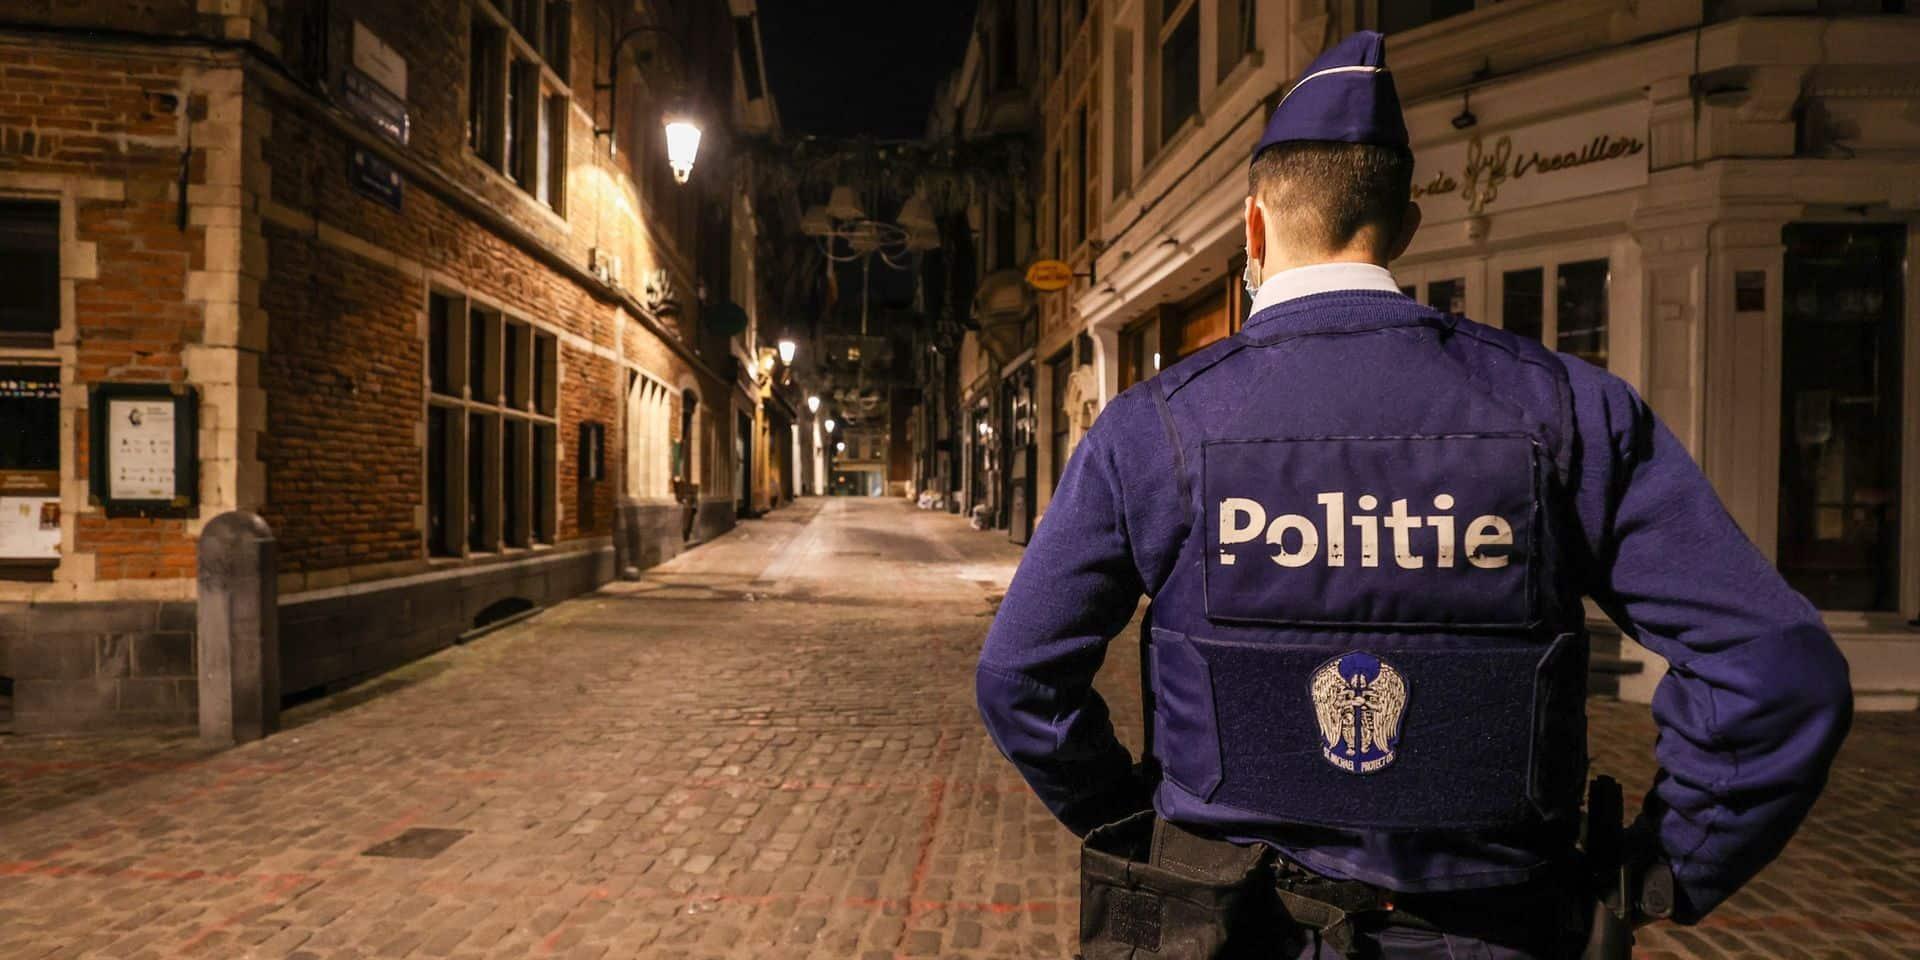 Bruxelles: Enquête ouverte au sujet d'un présumé viol collectif